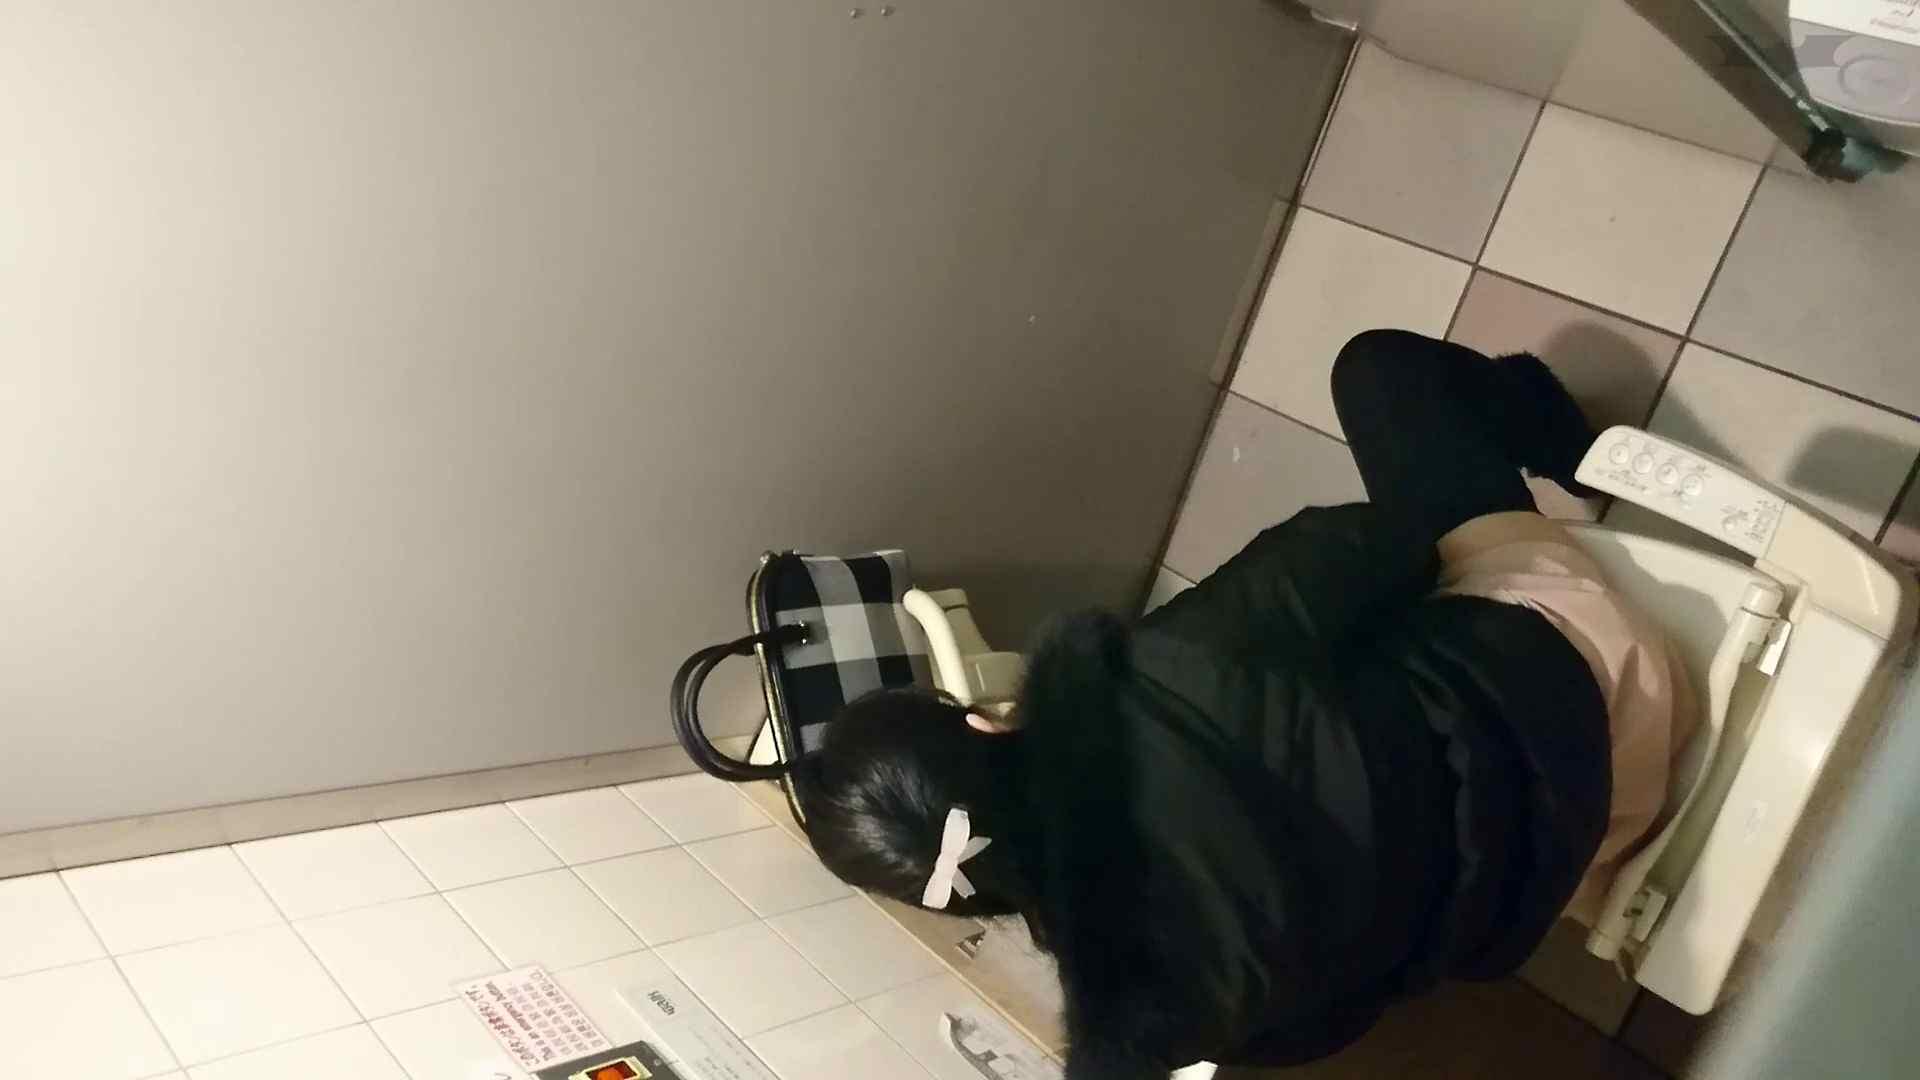 化粧室絵巻 ショッピングモール編 VOL.05 OL女体  73連発 62